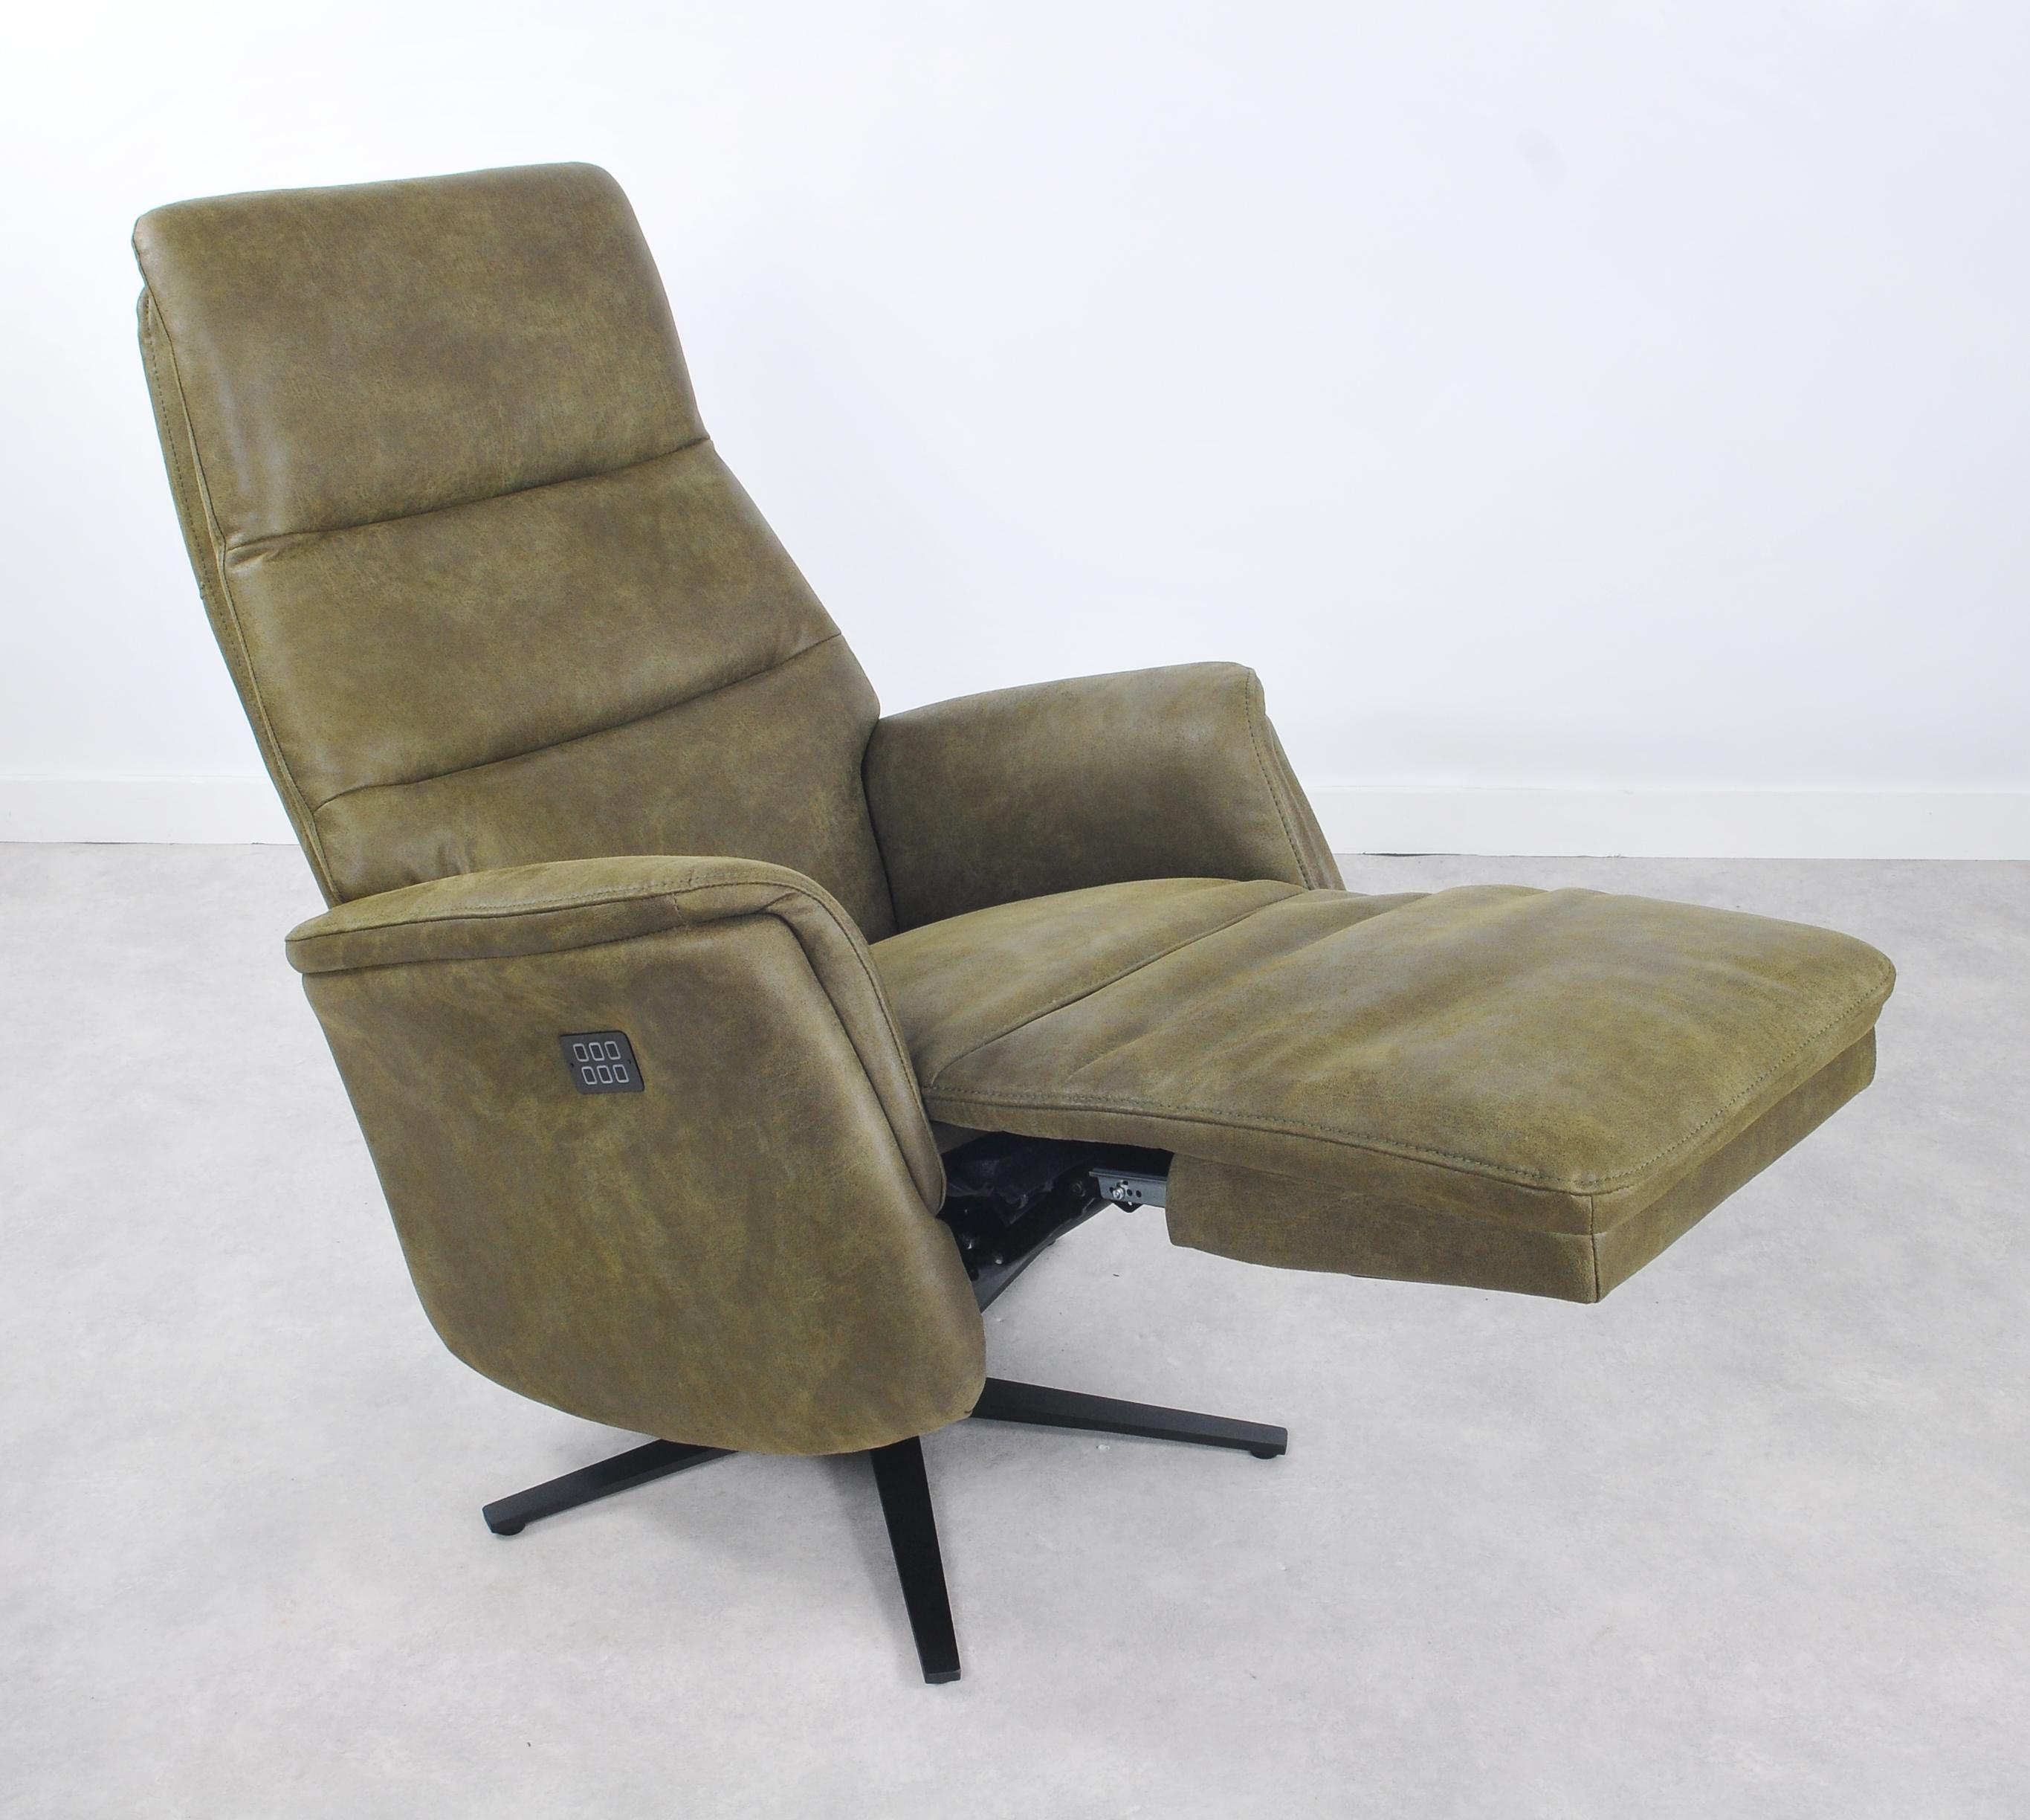 Riser recliner chair Malaga